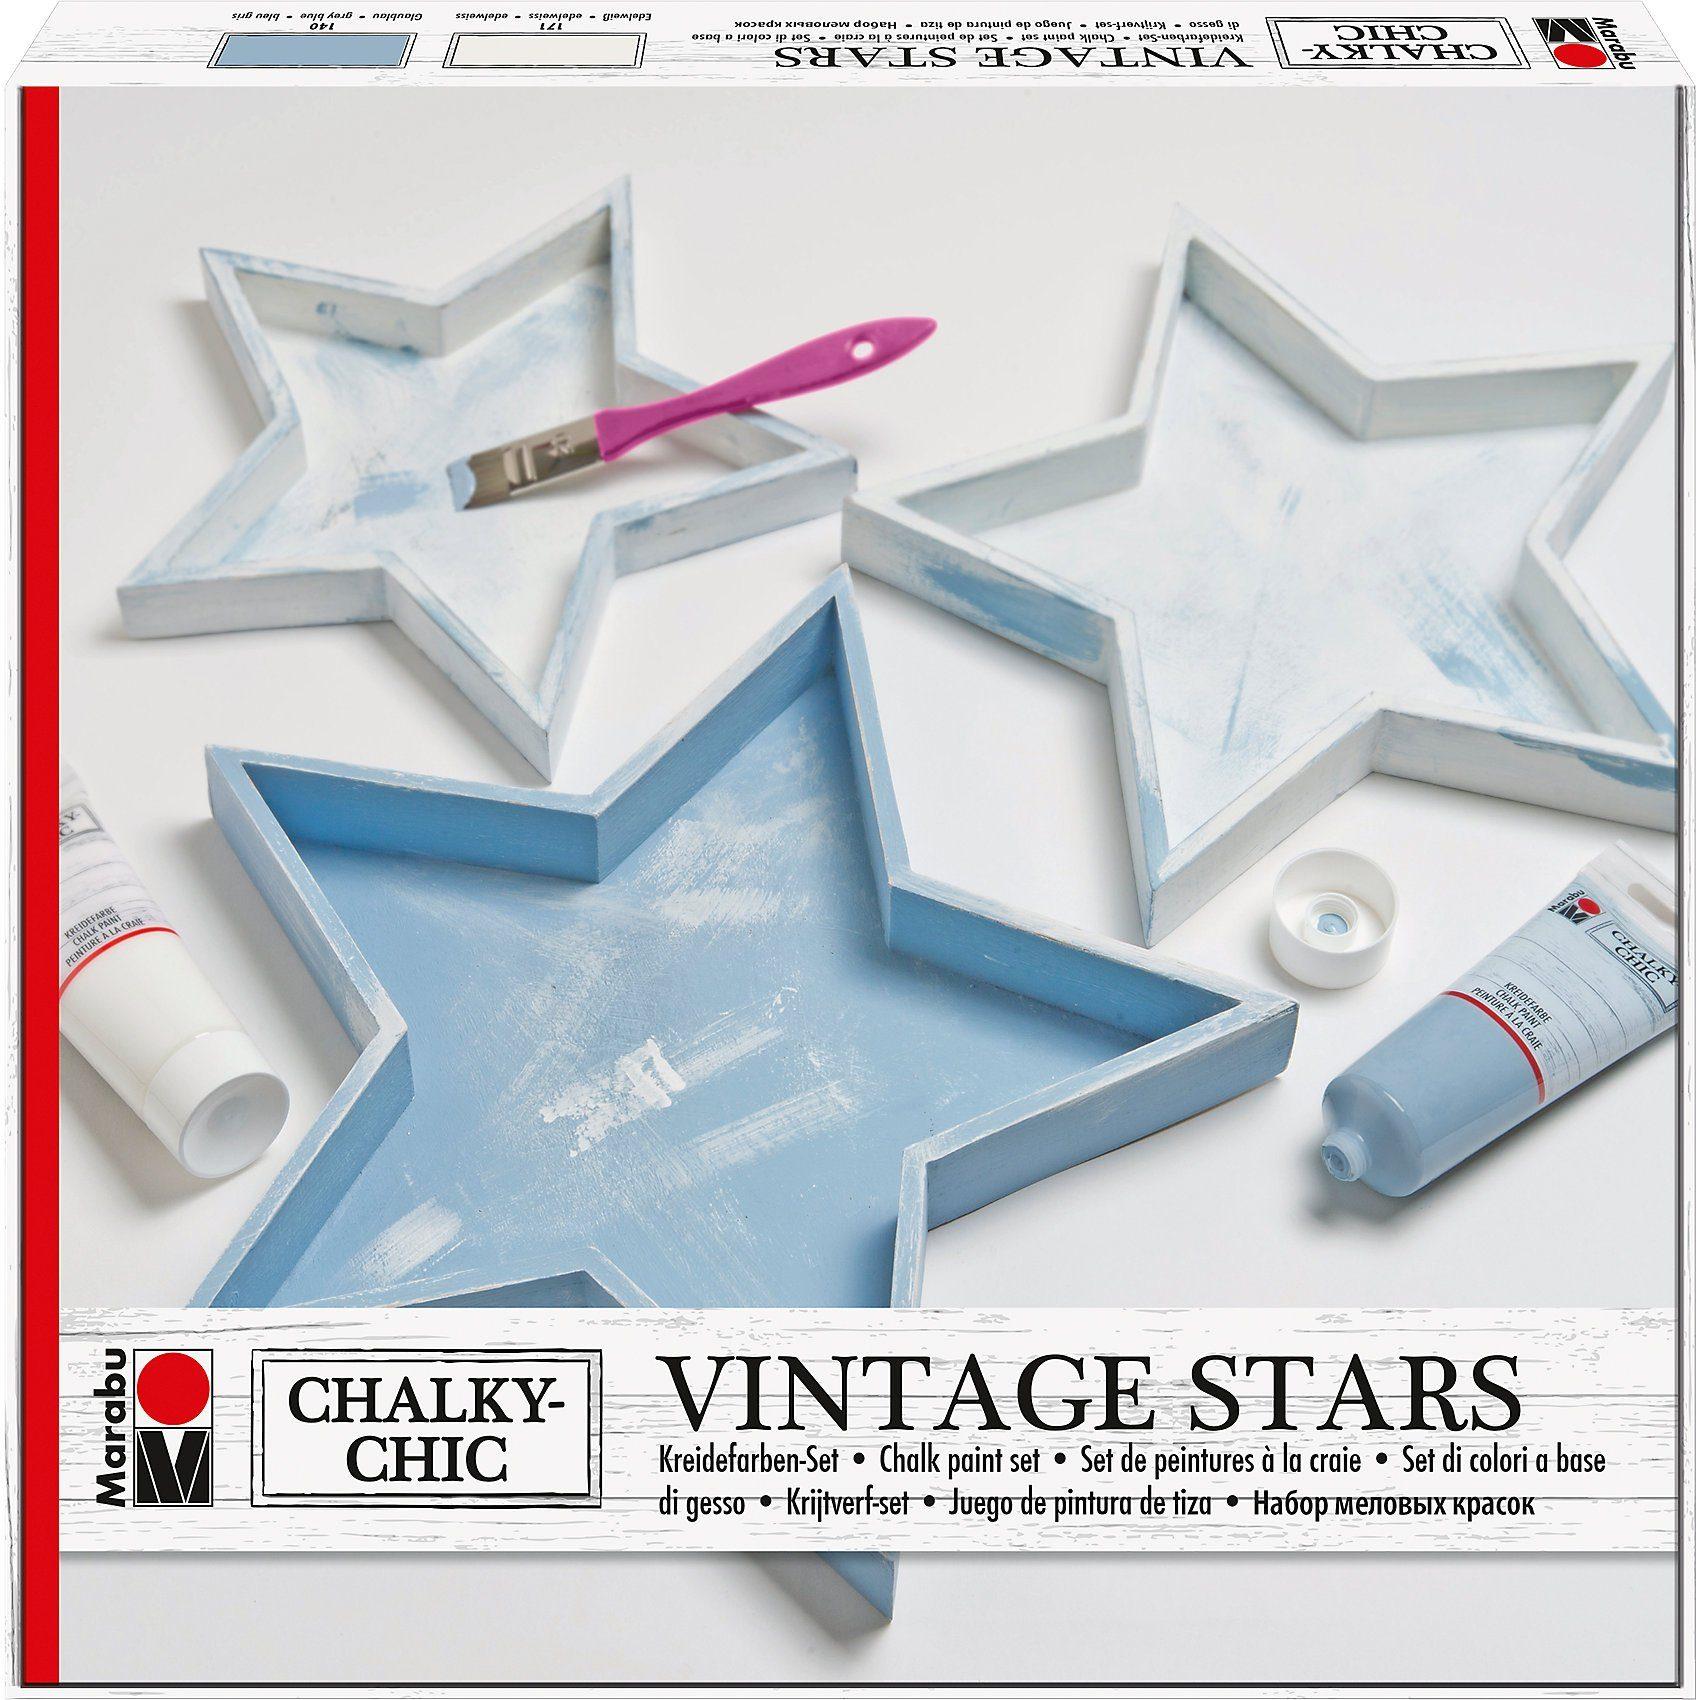 Marabu Kreidefarben-Set Chalky Chic Vintage 3 x Holztablett Sterne